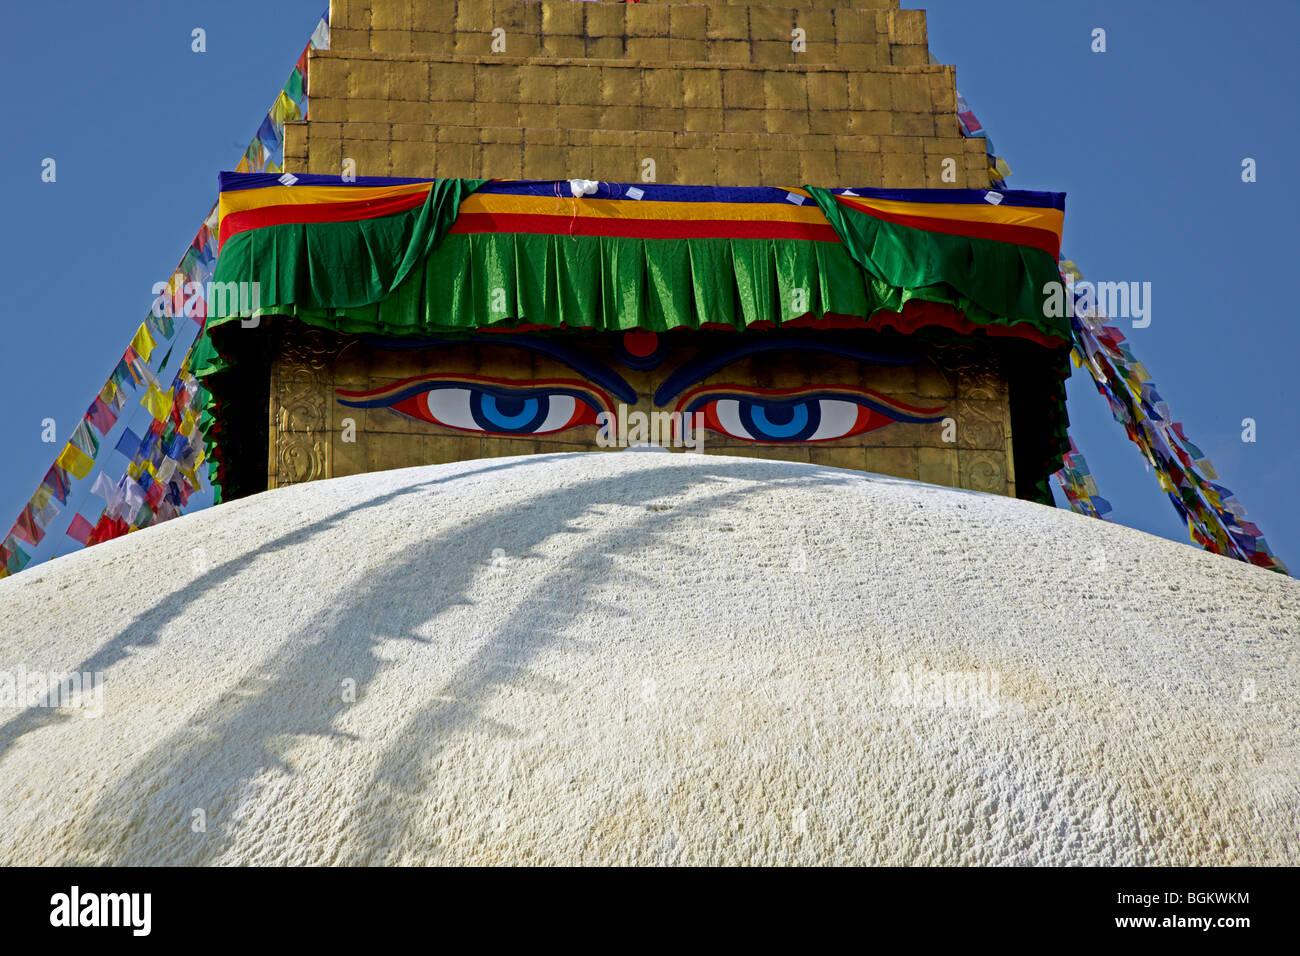 Bodhnath Stupa Kathmandu Nepal Asia - Stock Image